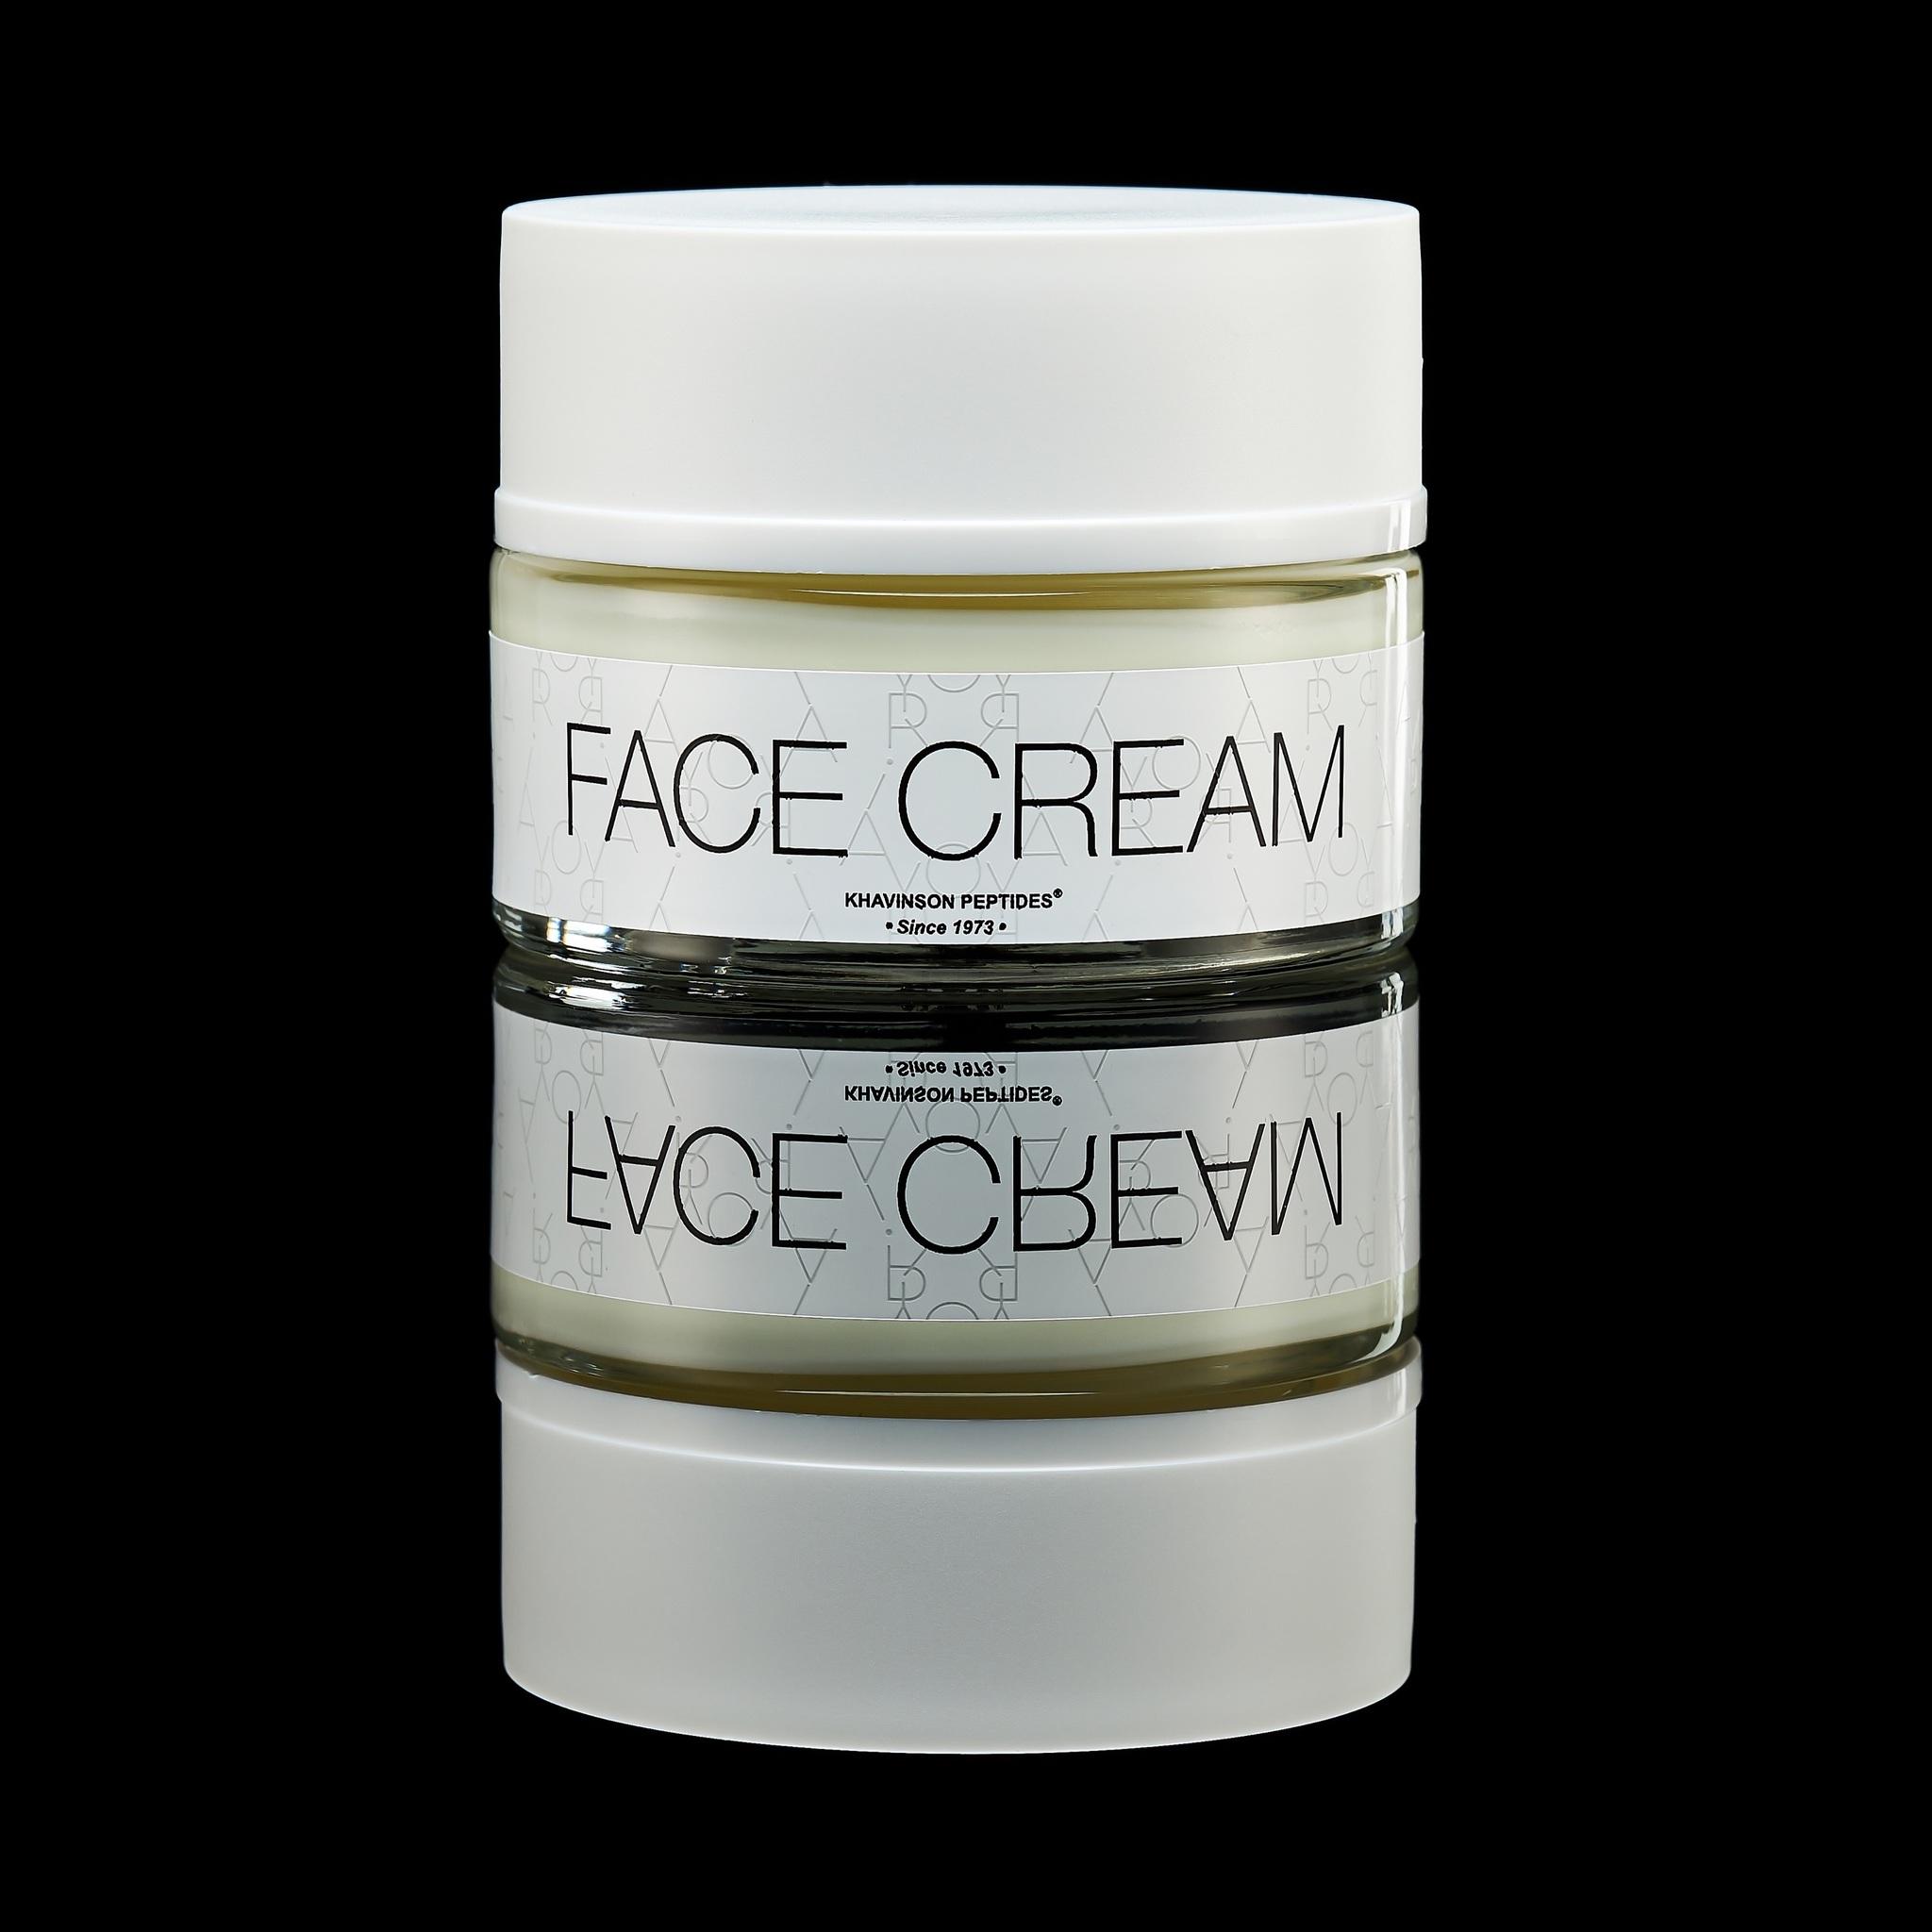 AYORI, Увлажняющий крем для лица Face Cream, 50 мл